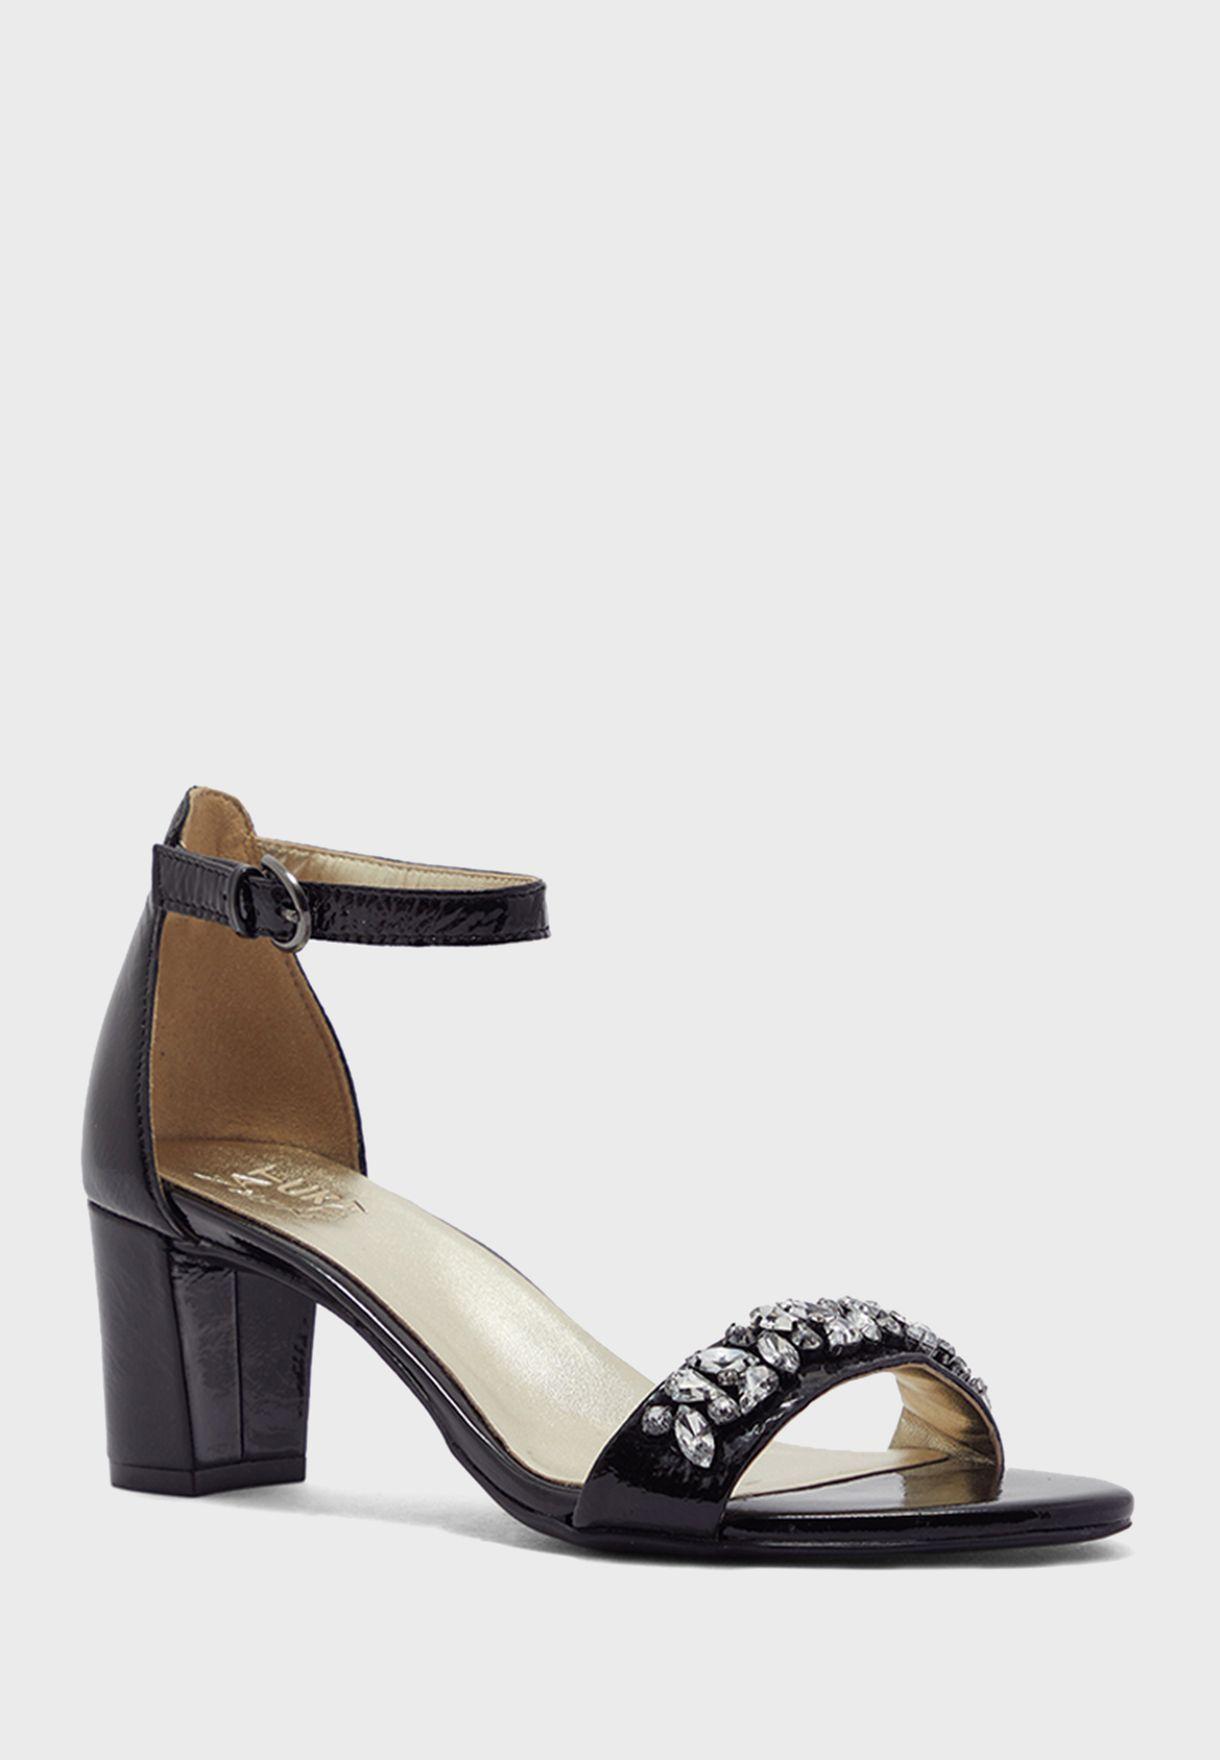 Embellished Mid Heel Ankle Strap Sandals